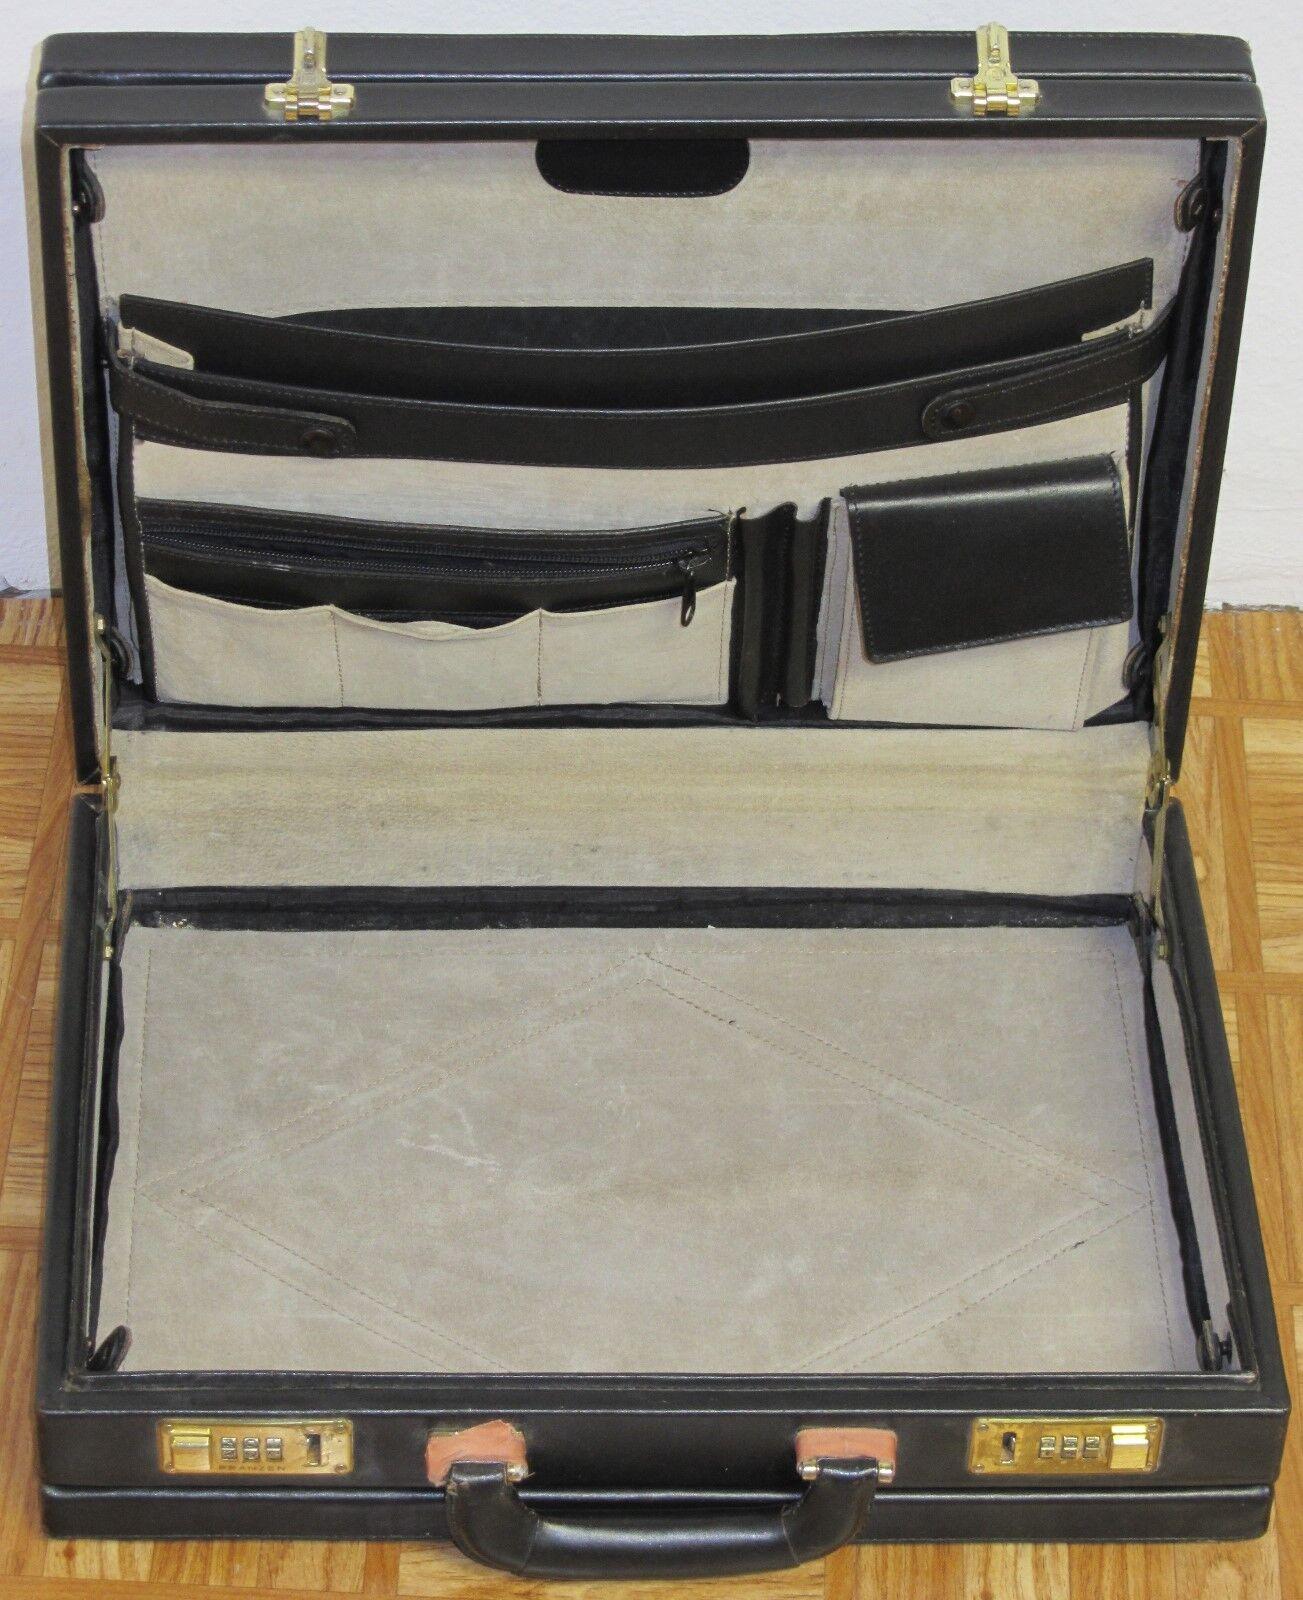 Aktenkoffer Aktentasche Koffer schwarz | Die Qualität Und Die Verbraucher Zunächst  | Innovation  | Ausgewählte Materialien